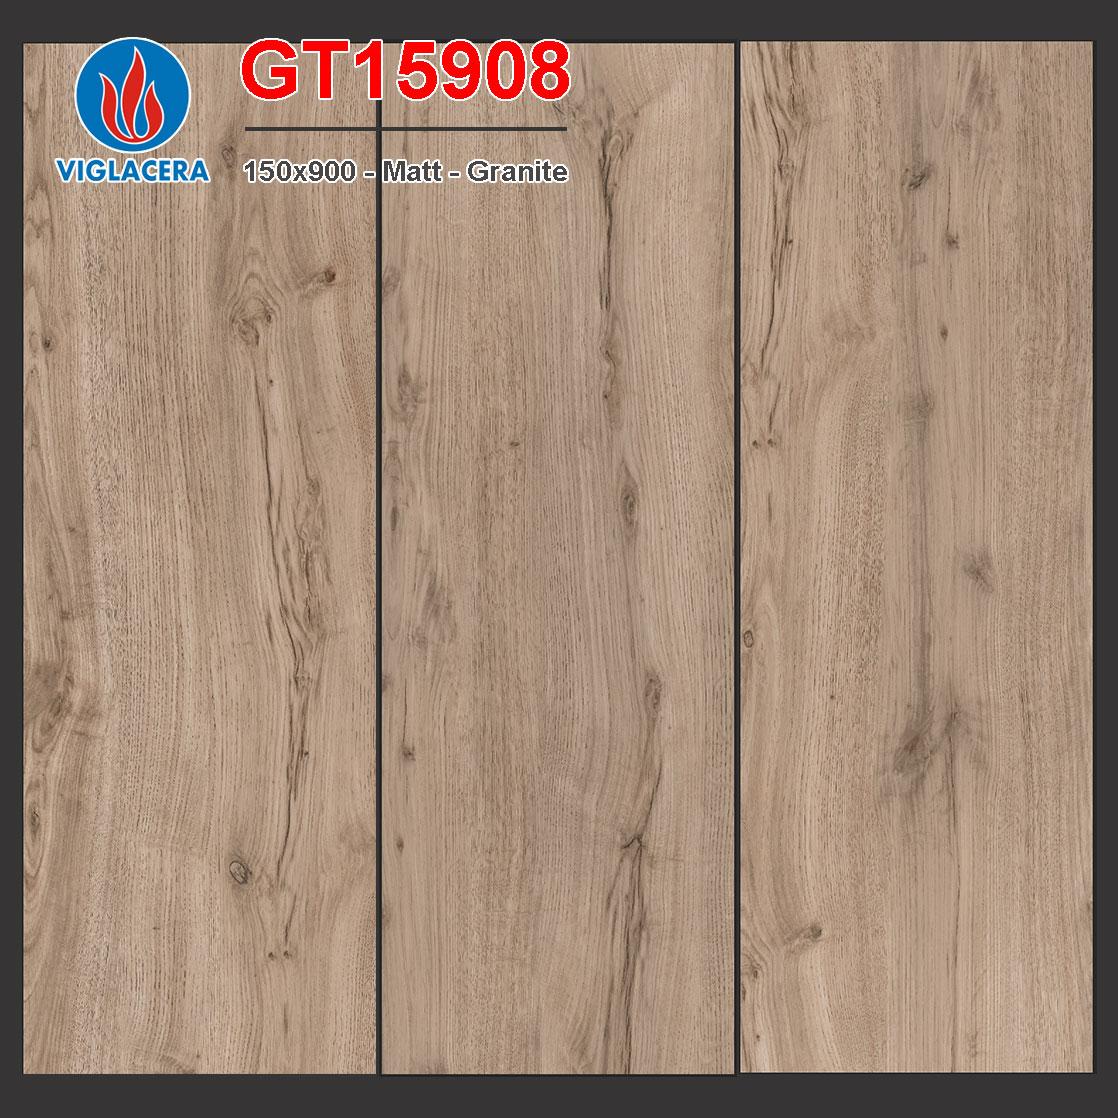 Gạch vân gỗ 150x900 Viglacera GT15908 giá rẻ